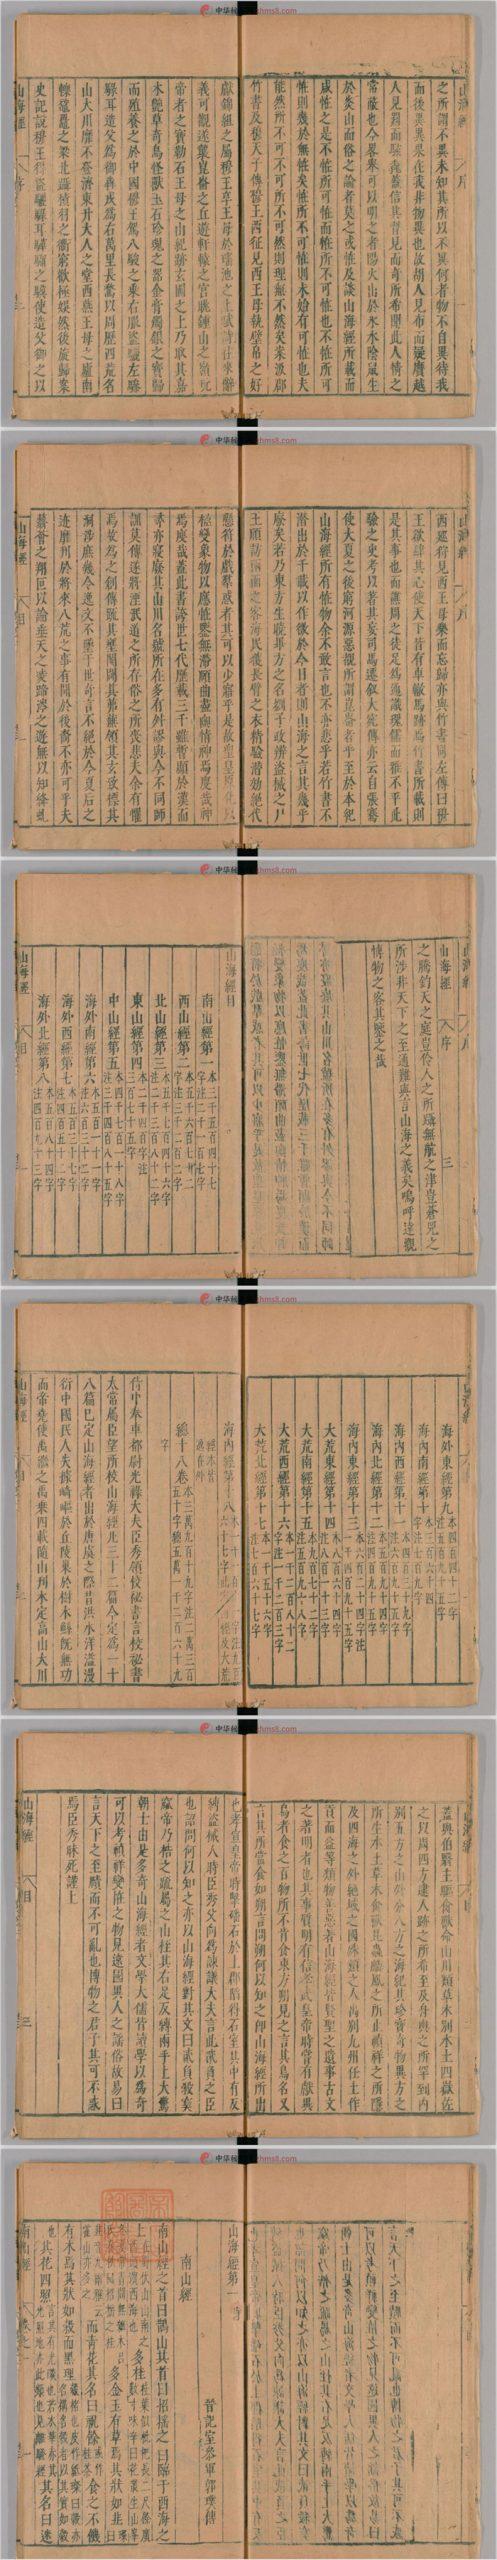 《山海经》绘图版18卷电子版珍藏古本下载